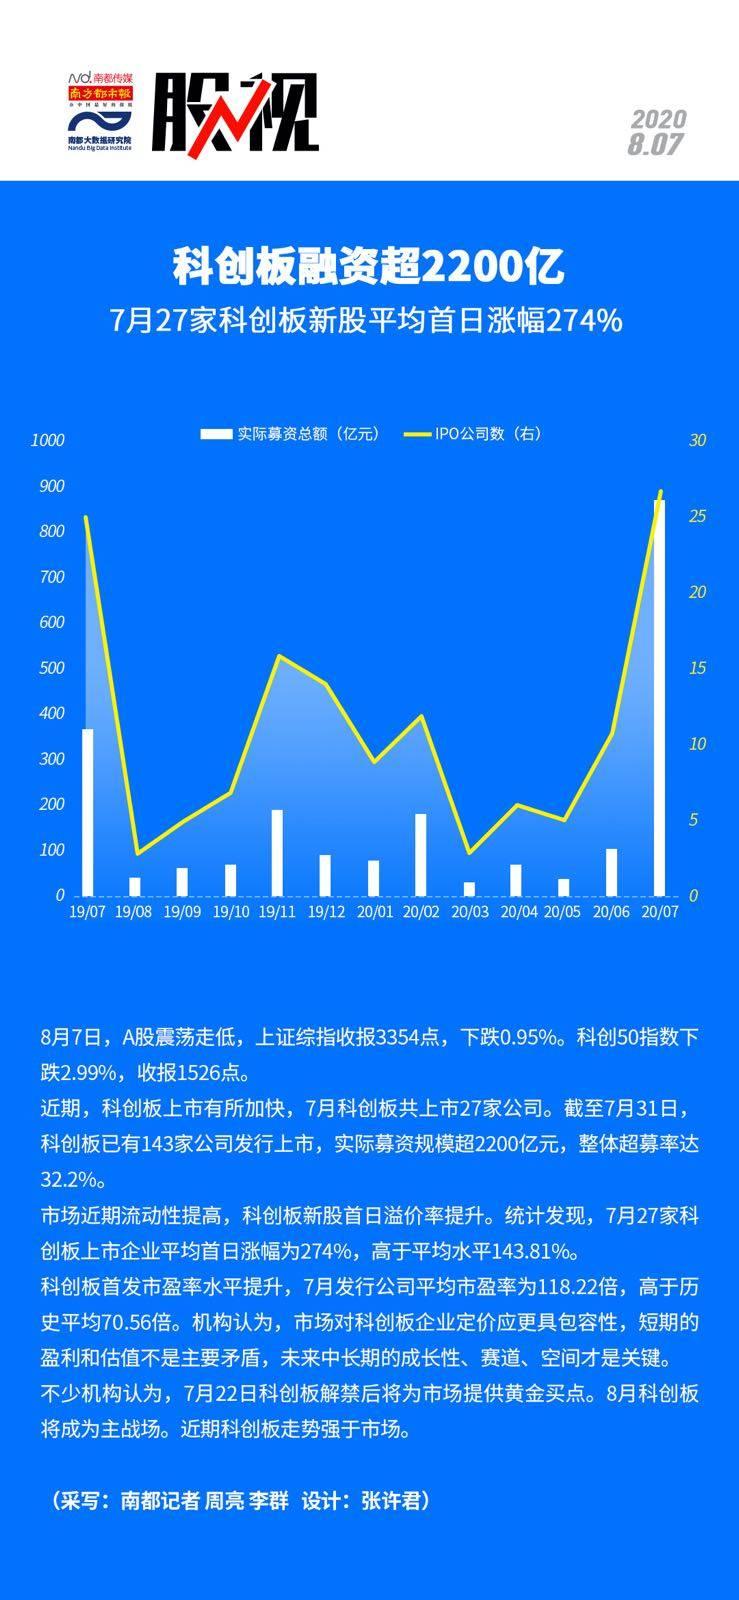 科创板融资超2200亿!7月科创板新股平均首日涨幅274%